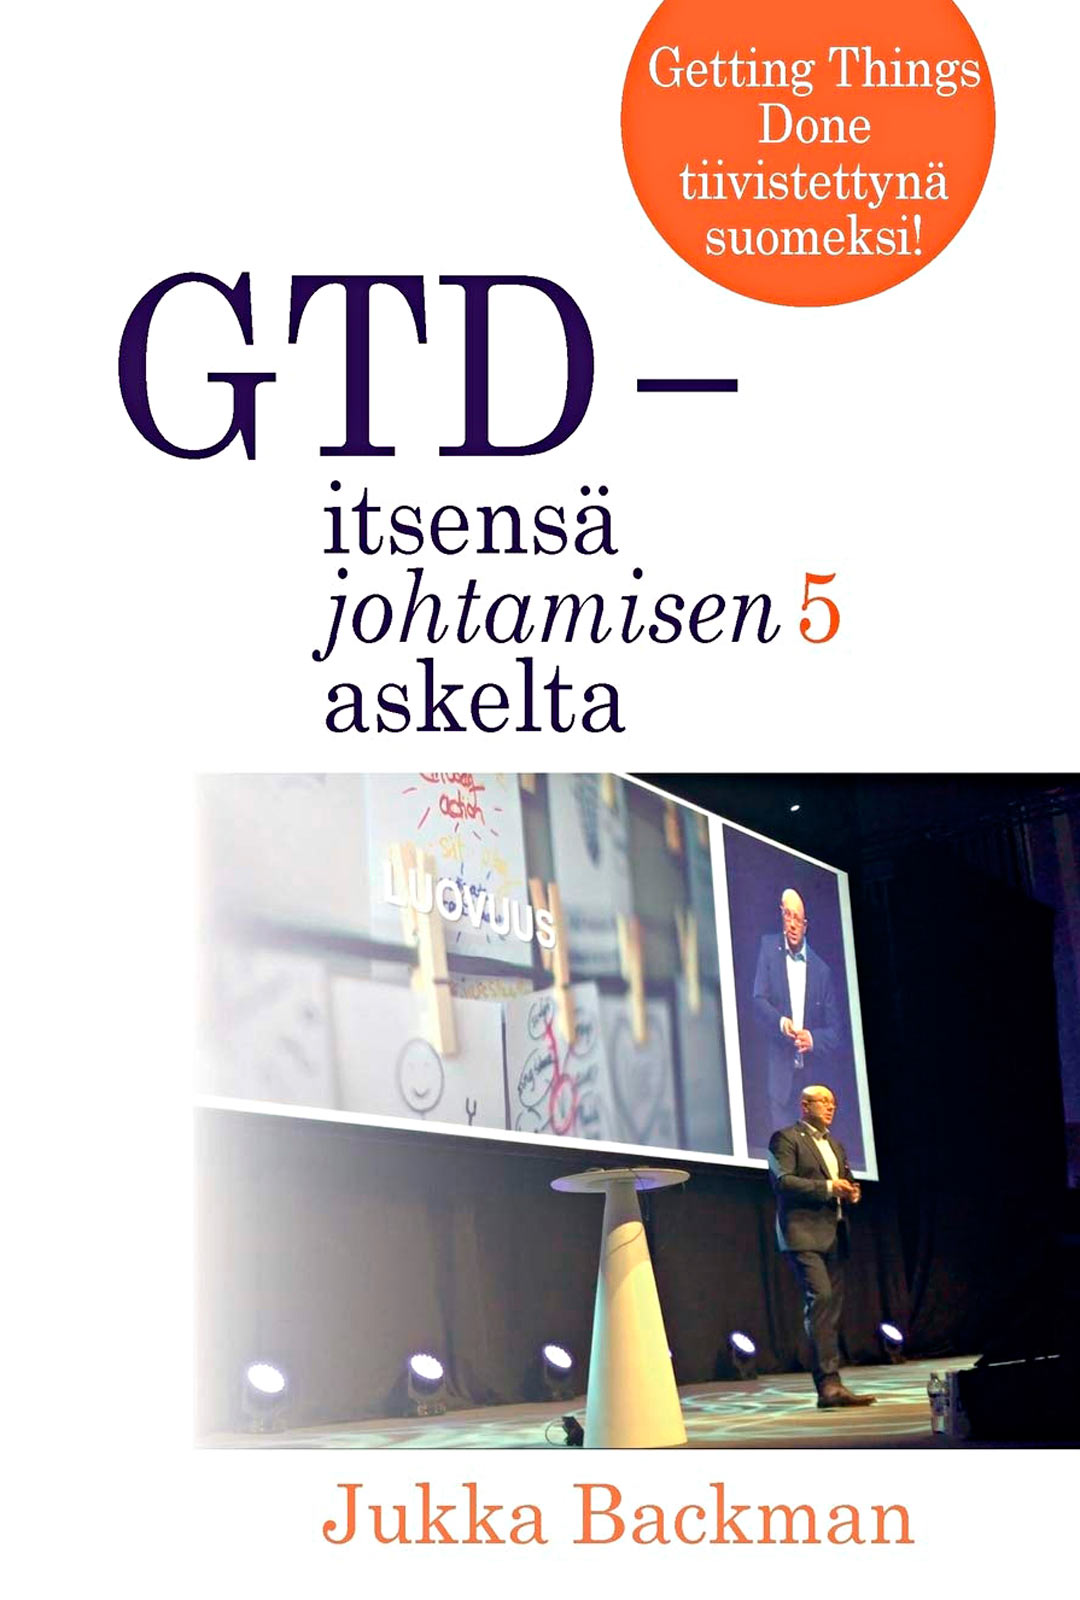 Työelämävalmentaja Jukka Backmanin omakustannekirja kertoo GTD-menetelmästä, jota kilpailija käyttää lähteenä.